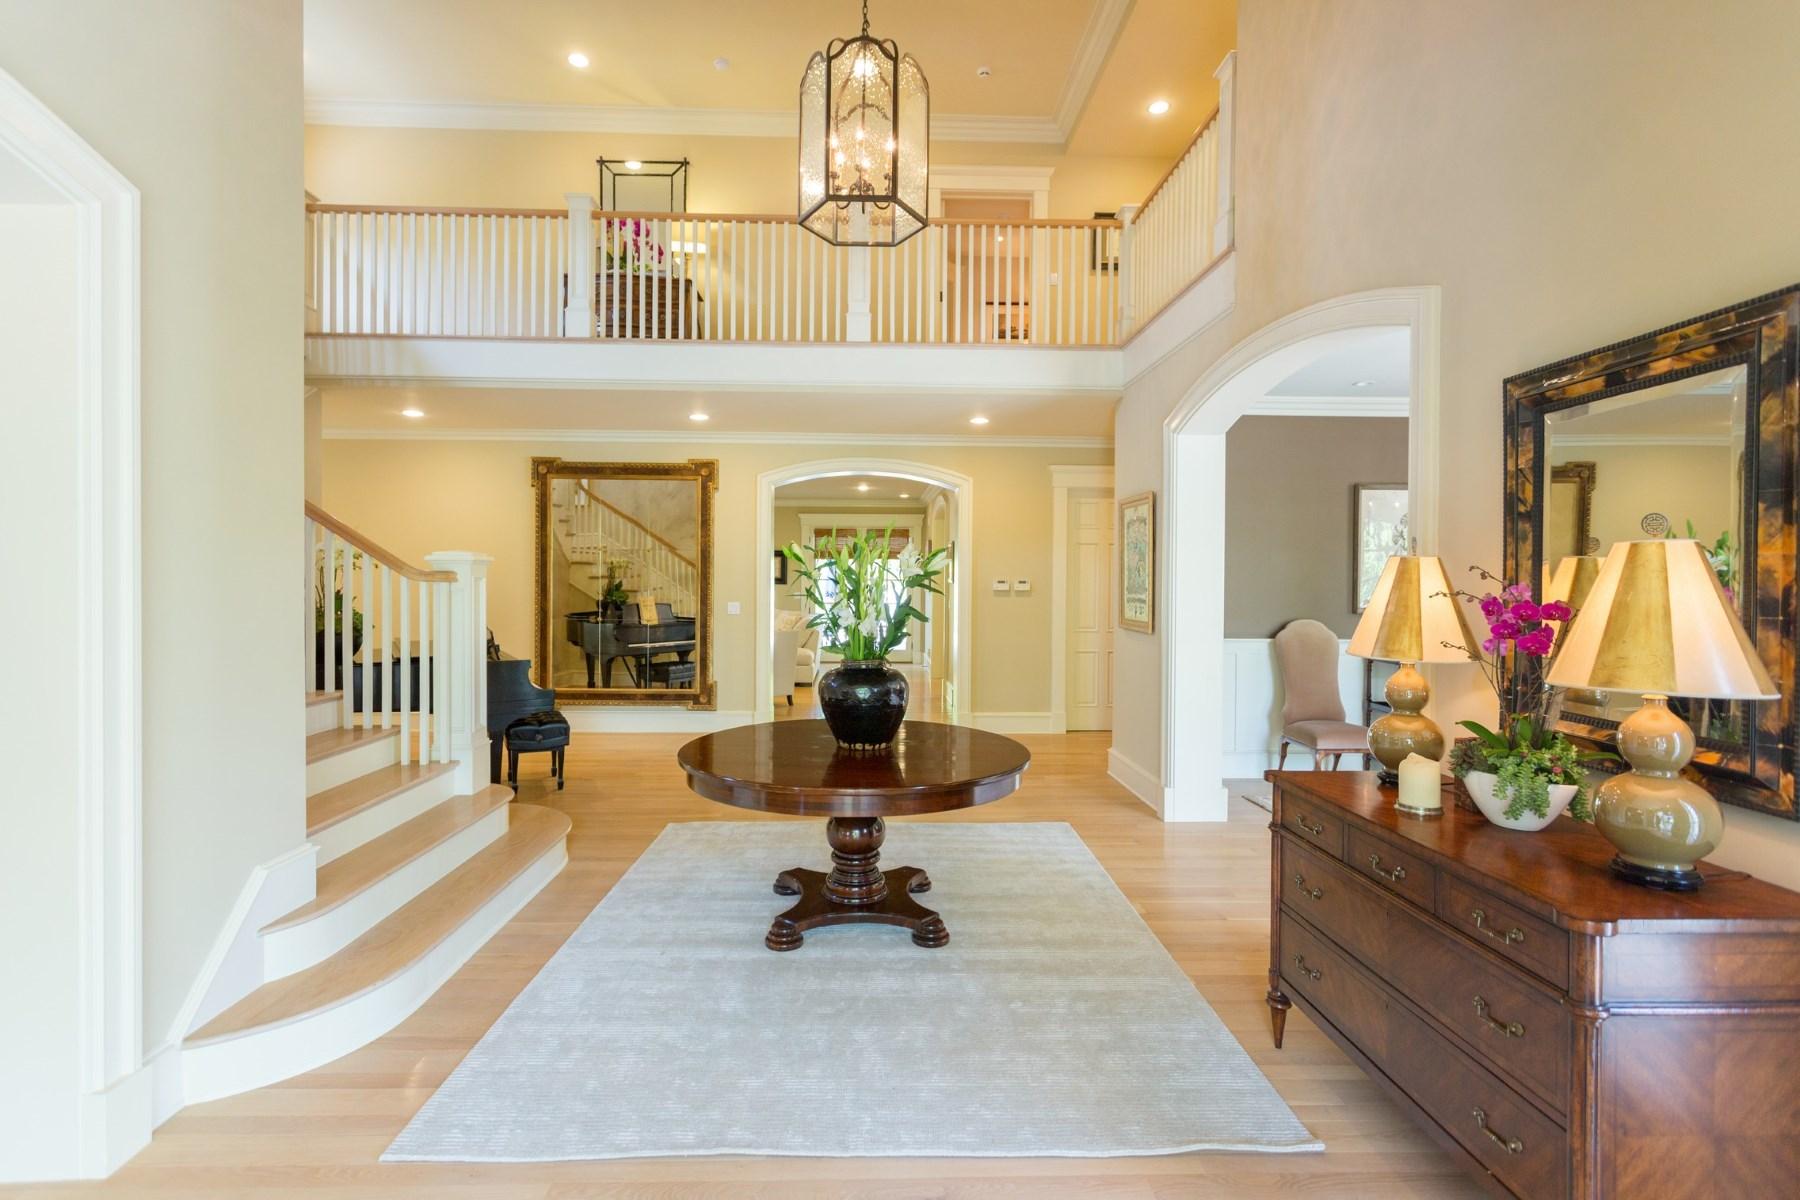 Частный односемейный дом для того Продажа на Nantucket Classic in Brentwood Park 12710 Marlboro Street Brentwood, Los Angeles, Калифорния, 90049 Соединенные Штаты